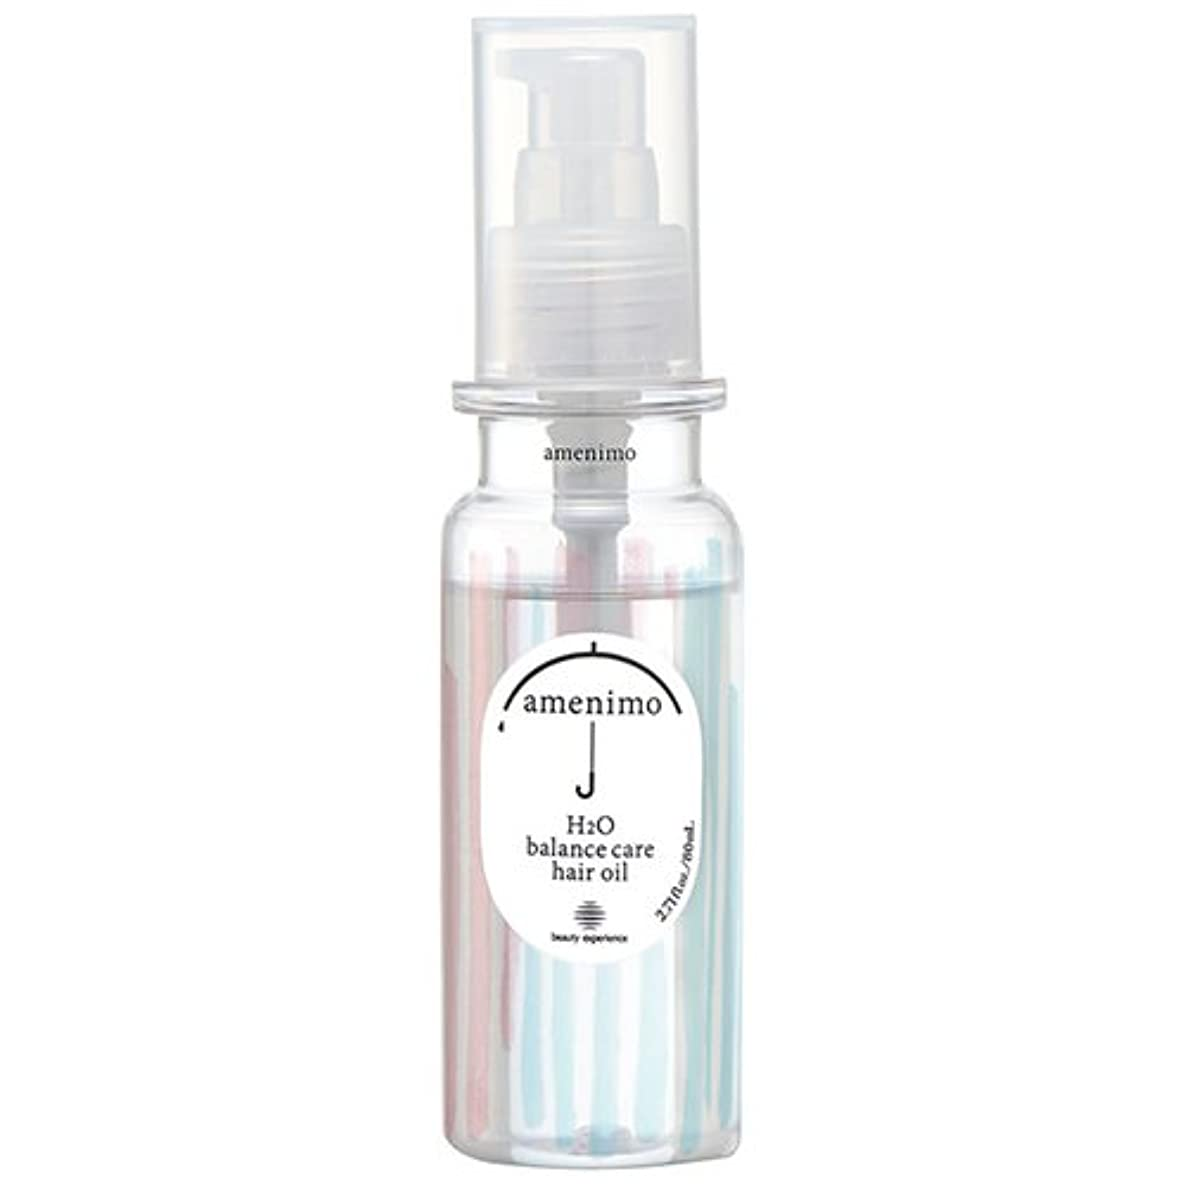 欠如種をまく十分ではないamenimo(アメニモ) H2O バランスケア ヘアオイル 80mL